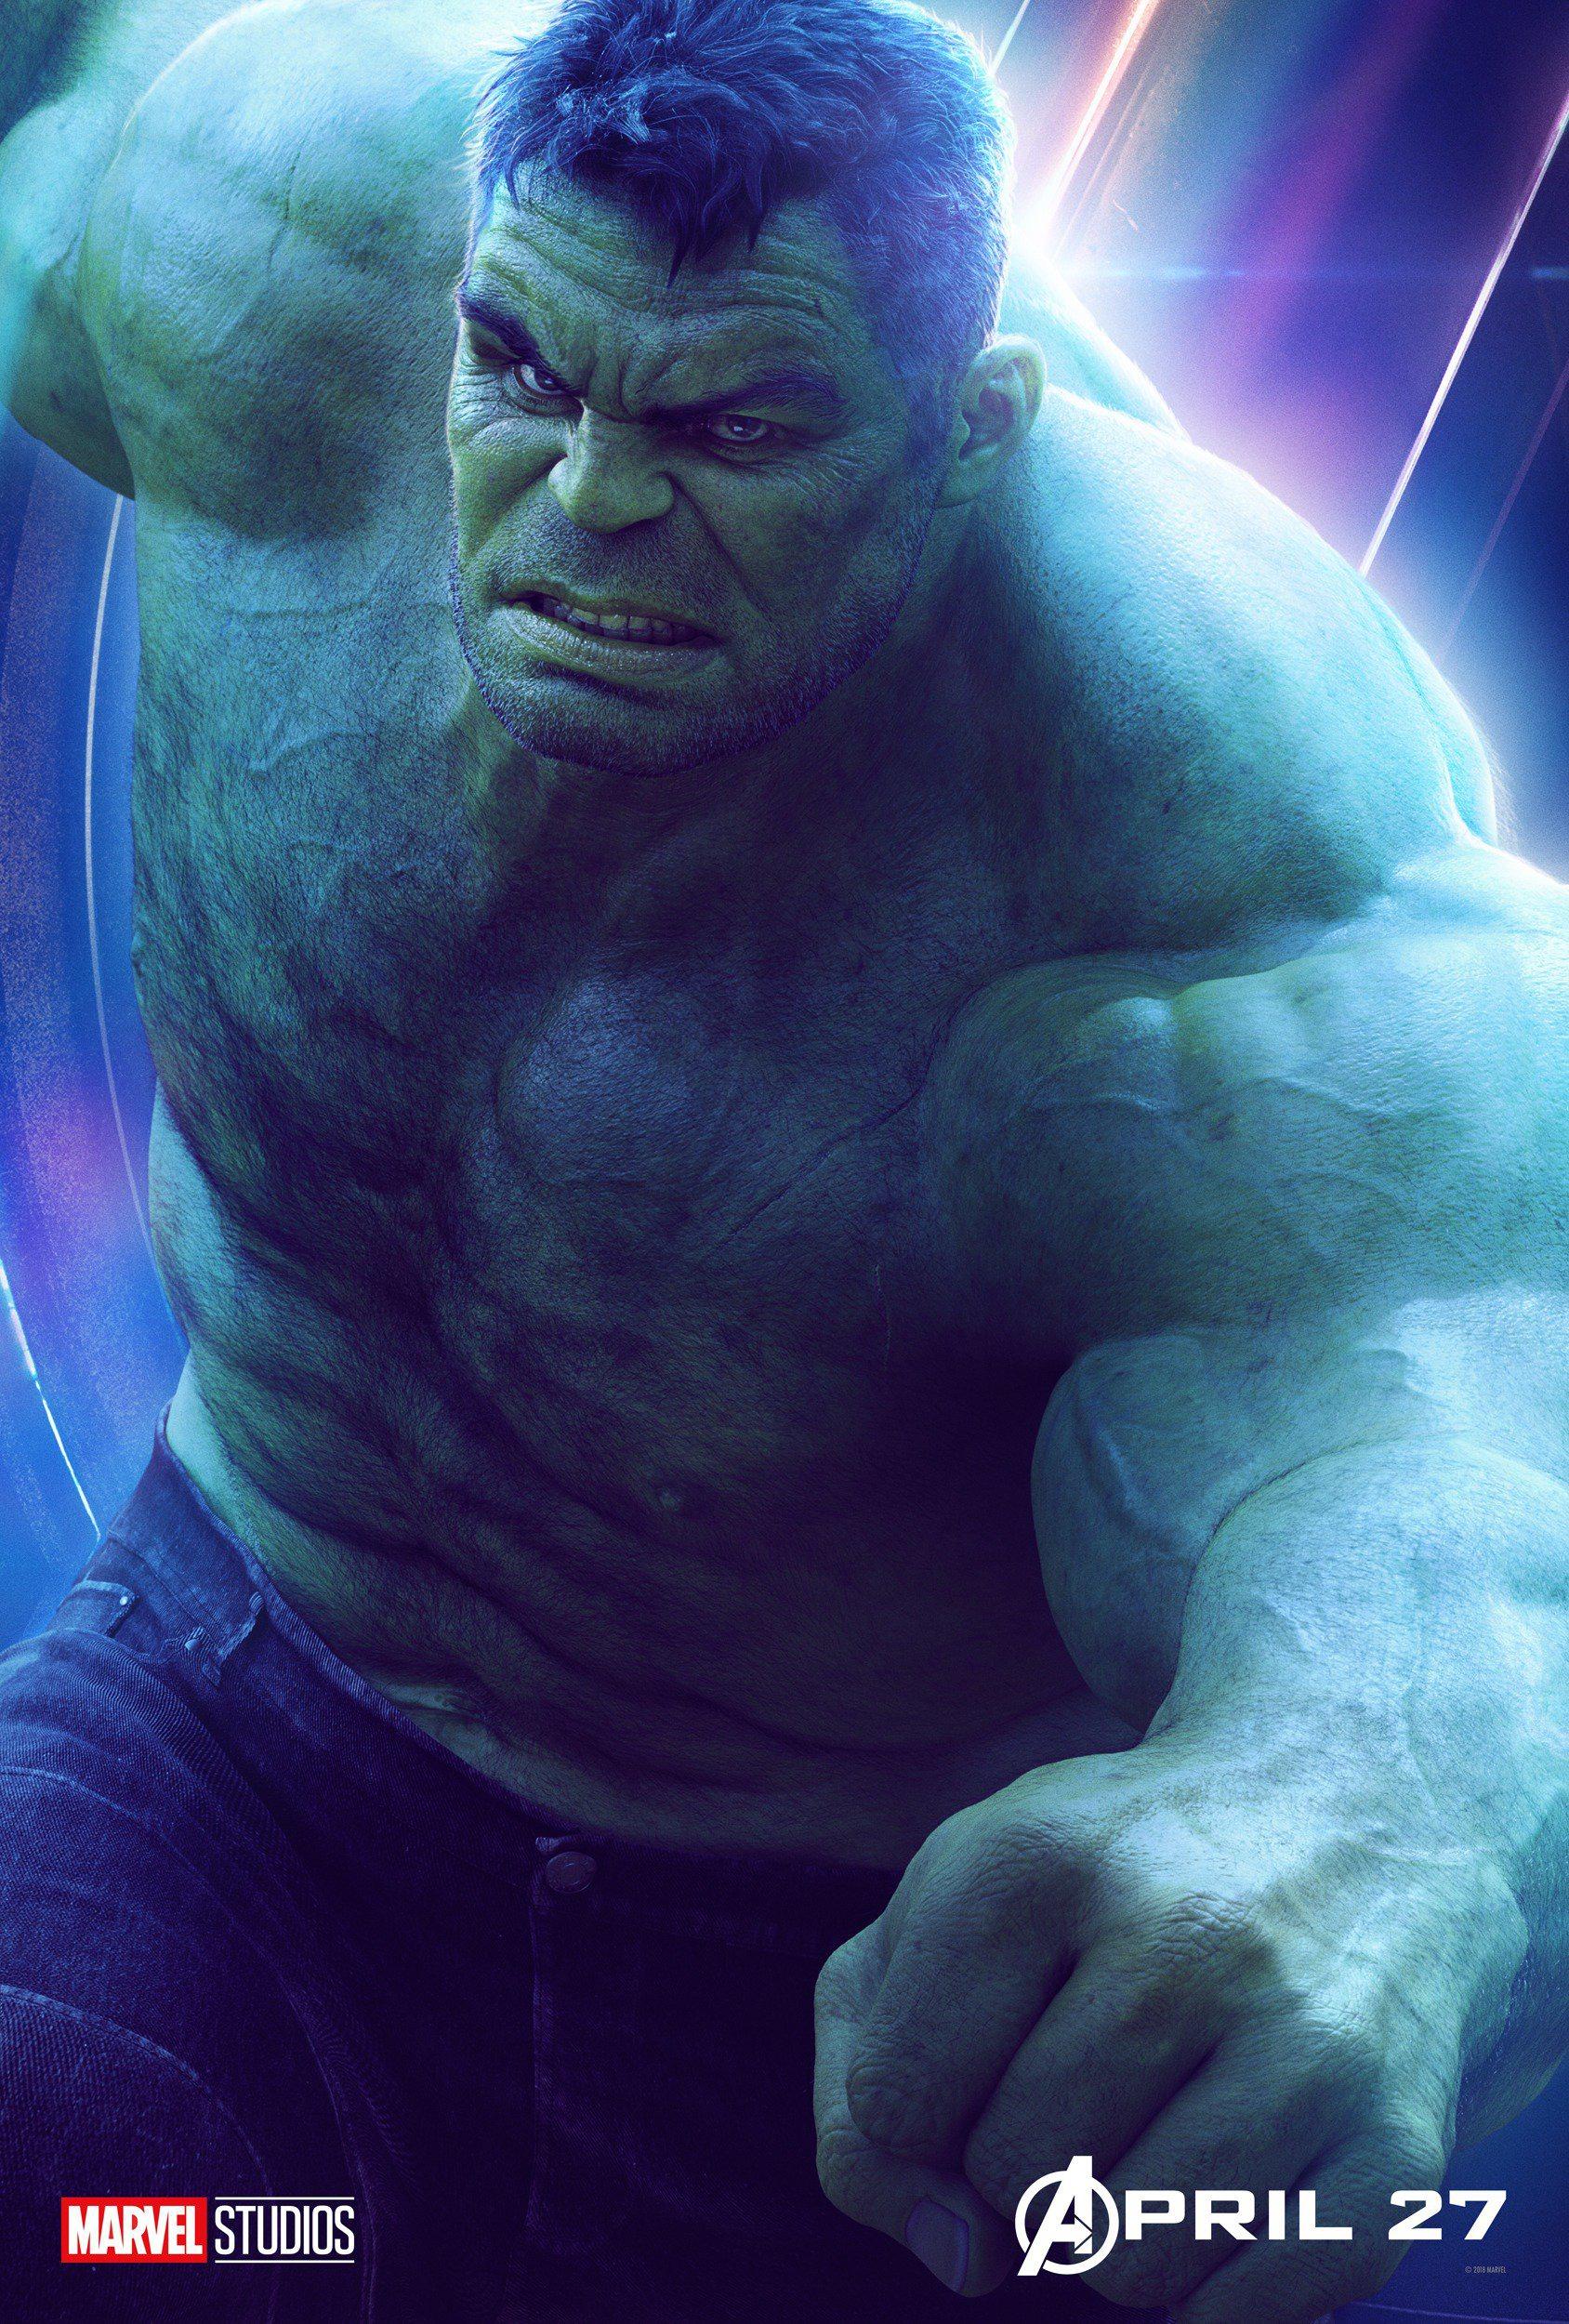 Hulk - Avengers Infinity War character poster - Avengers